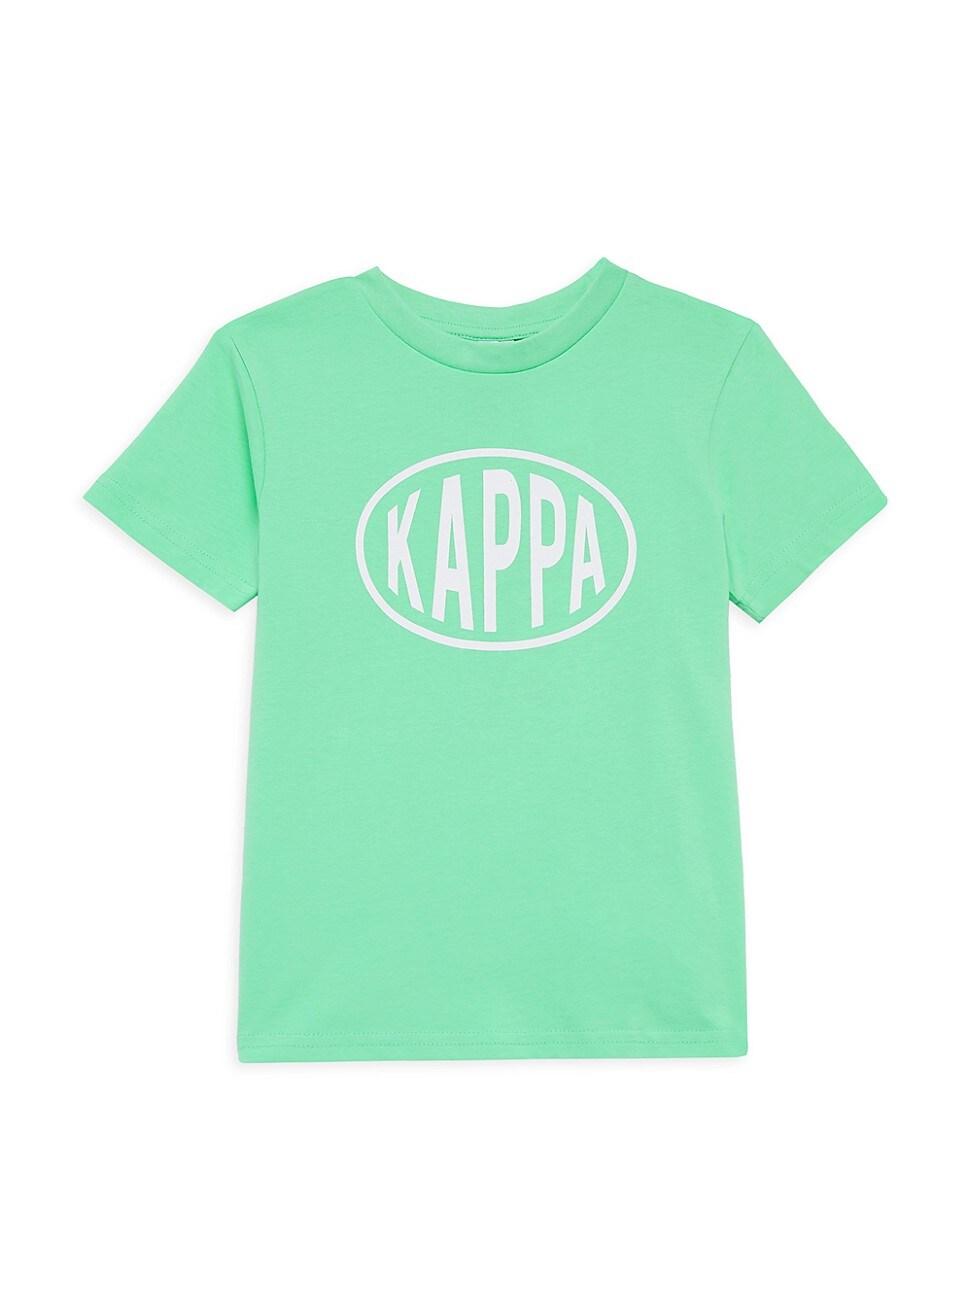 Kappa Cottons LITTLE BOY'S & BOY'S AUTHENTIC POP T-SHIRT